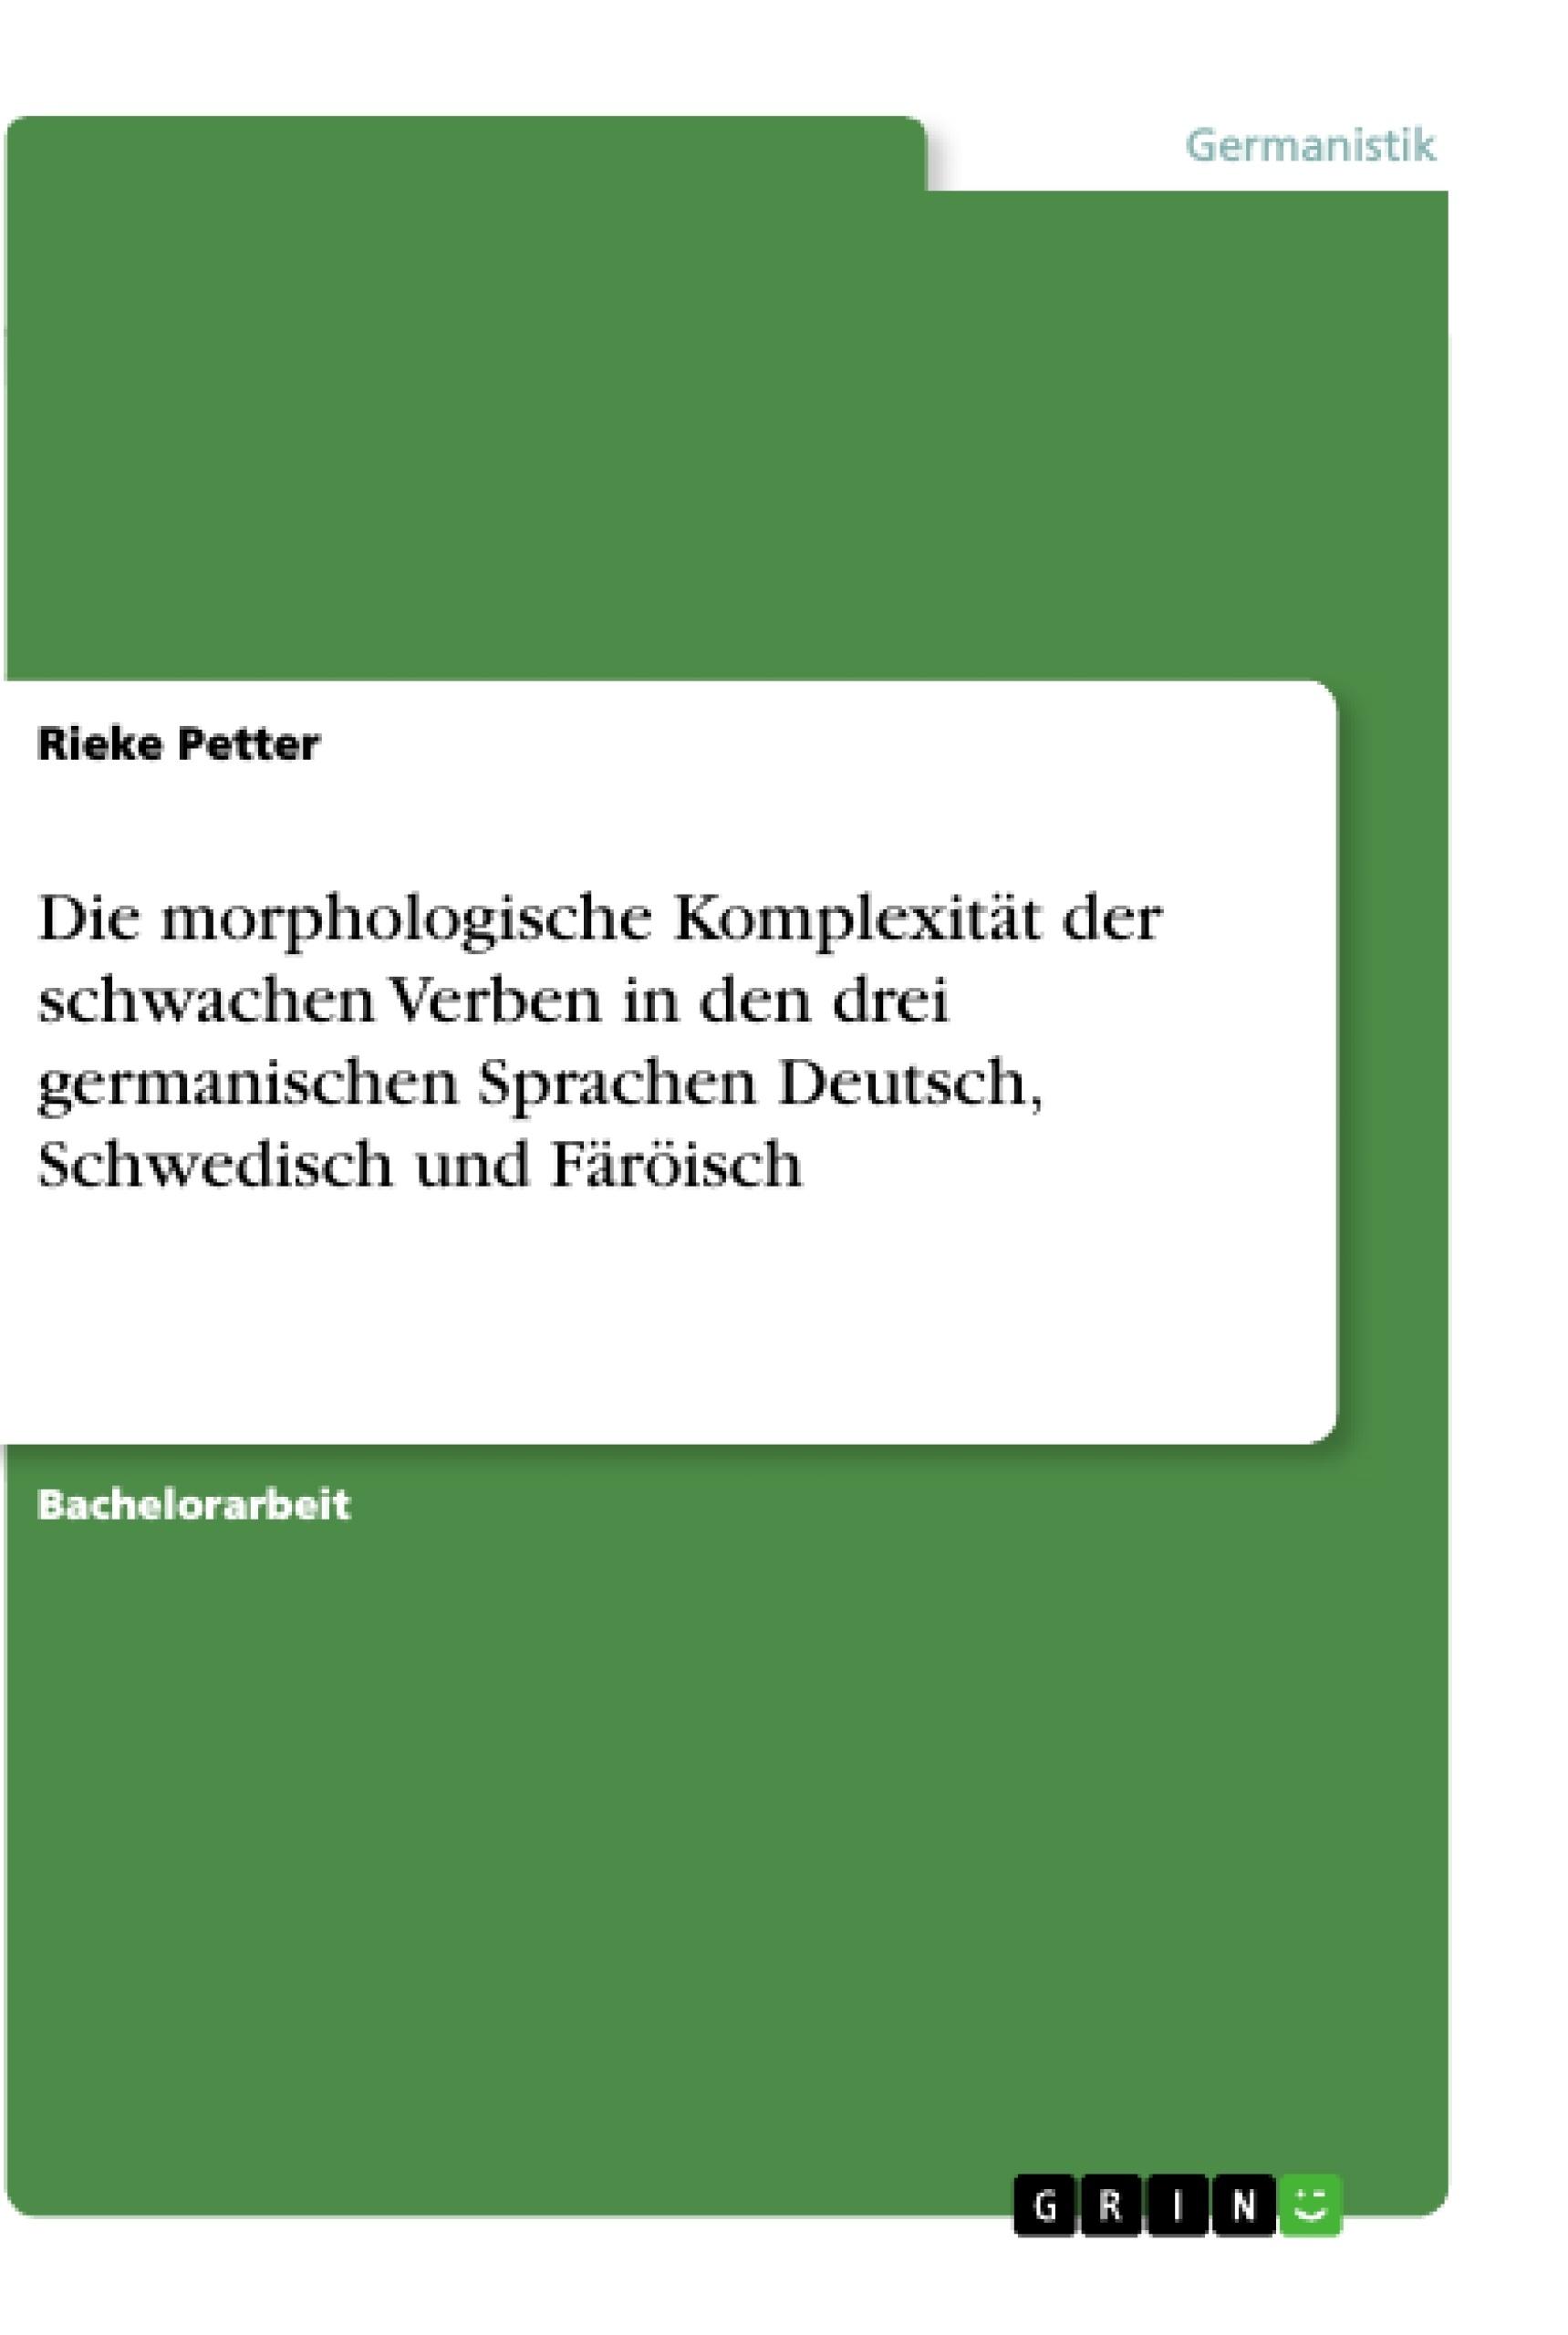 Titel: Die morphologische Komplexität der schwachen Verben in den drei germanischen Sprachen Deutsch, Schwedisch und Färöisch